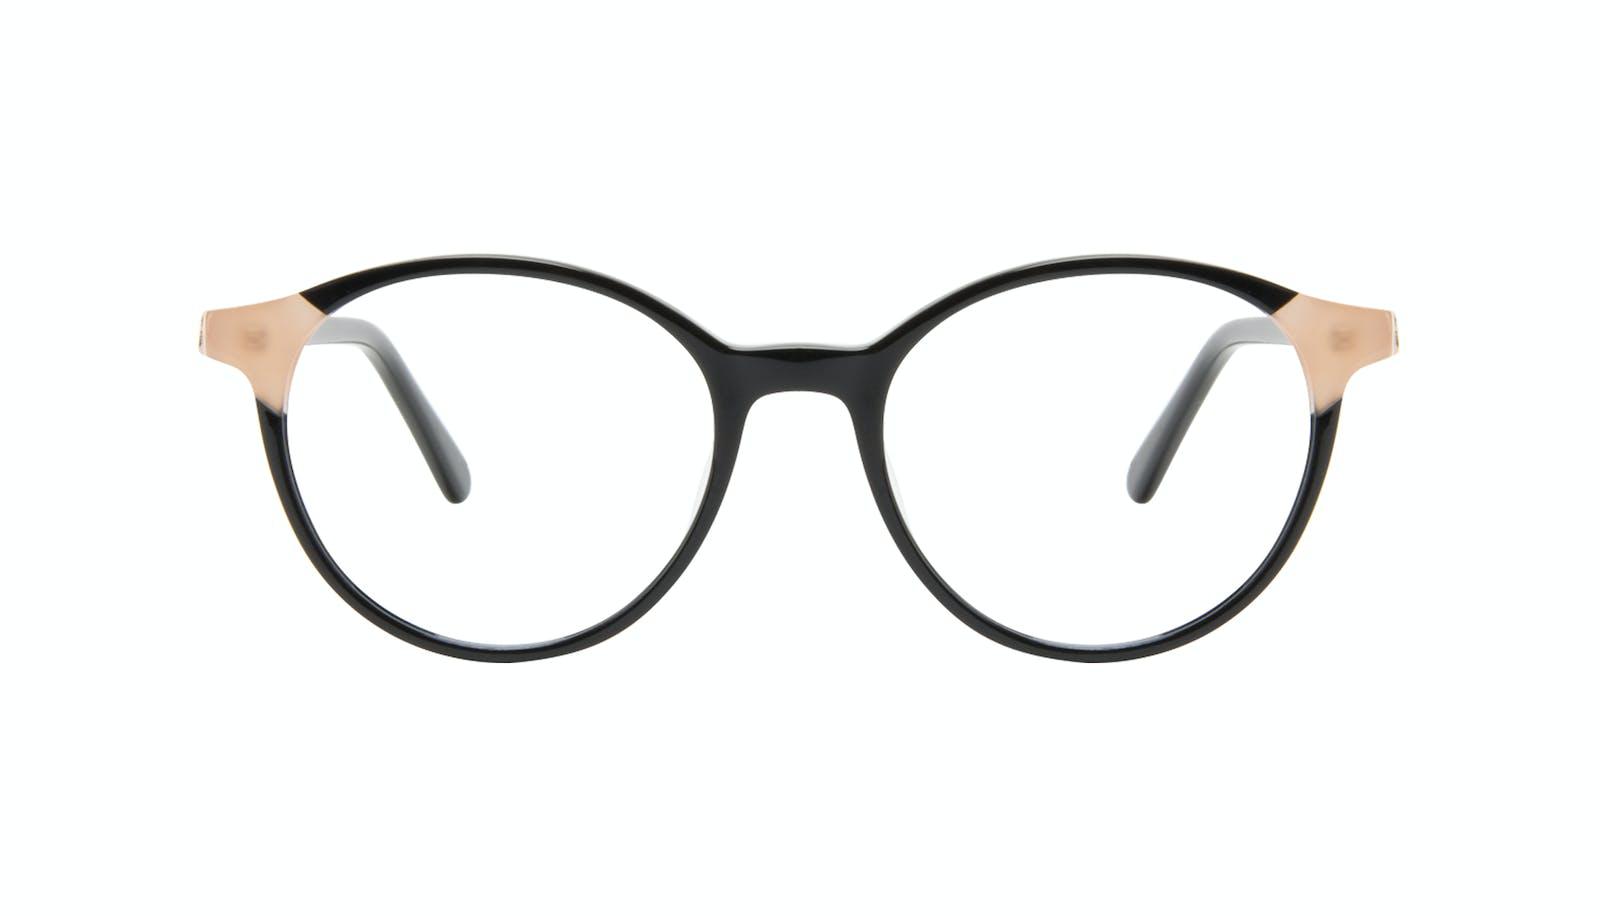 82dec2afab Affordable Fashion Glasses Round Eyeglasses Women Vivid Black Ivory